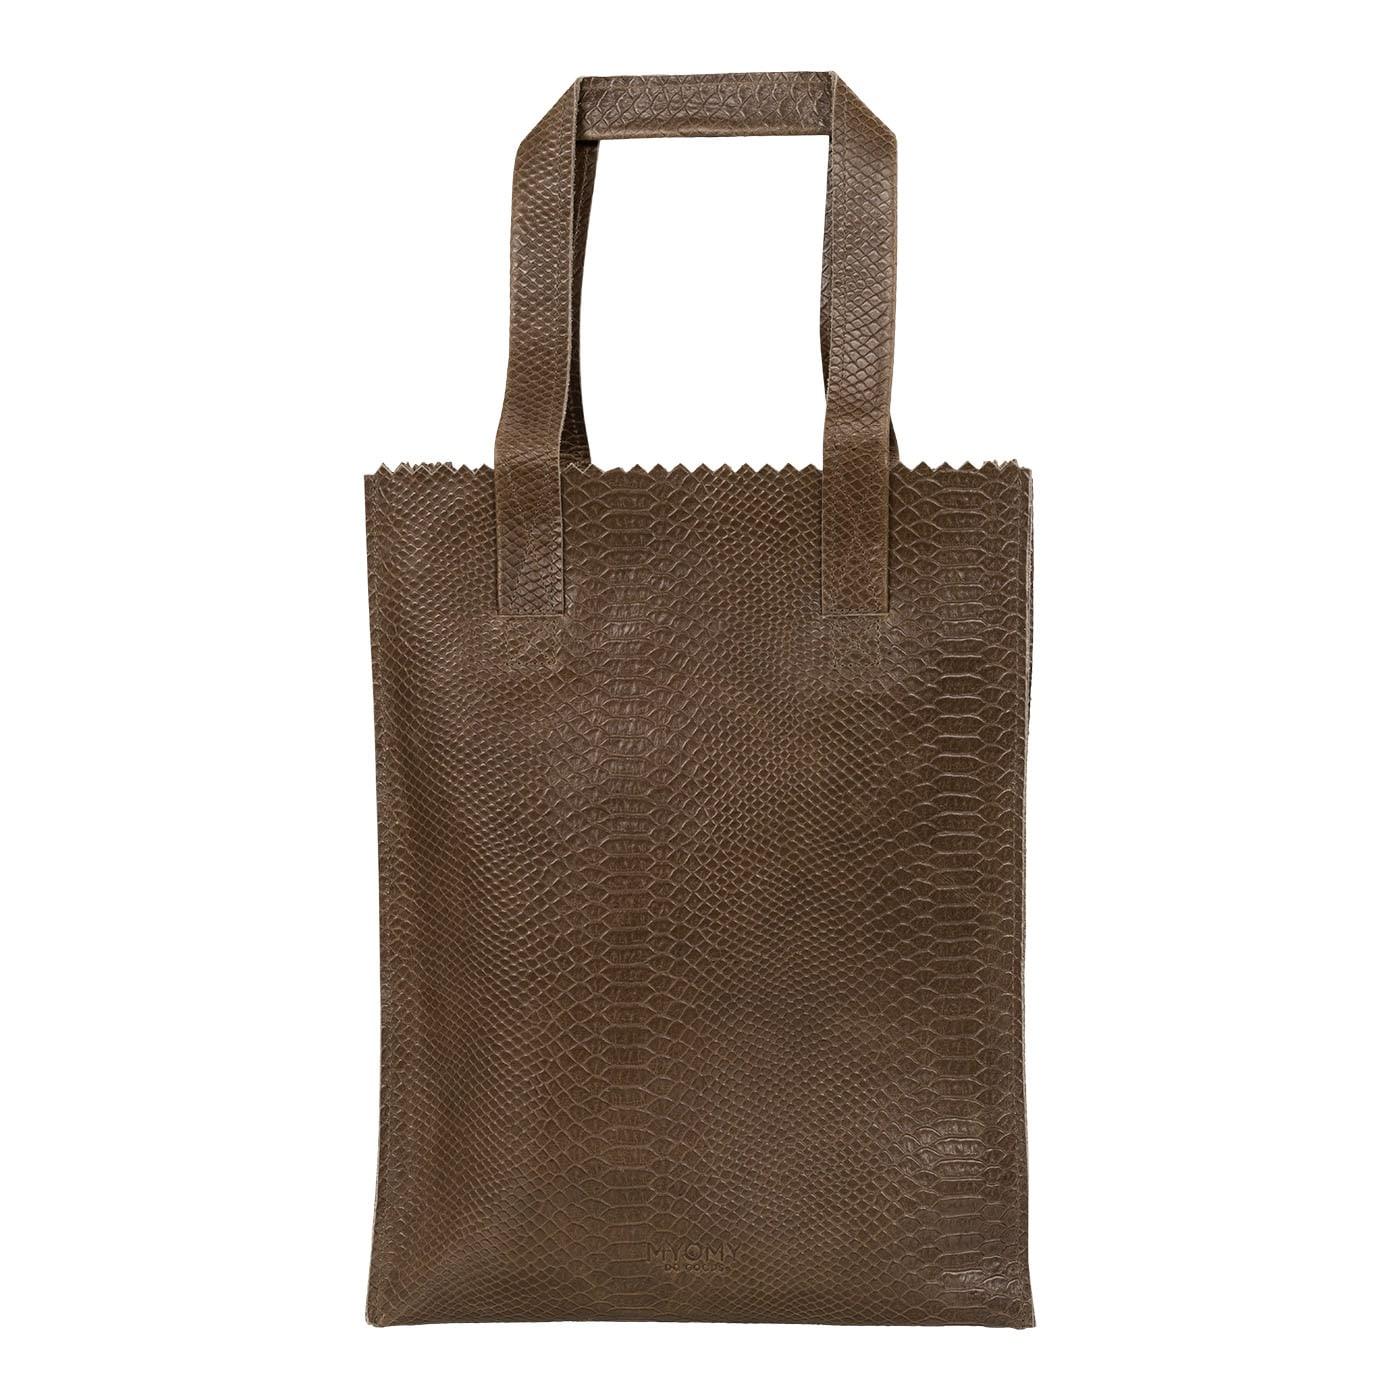 MY PAPER BAG Long handle zip - anaconda taupe